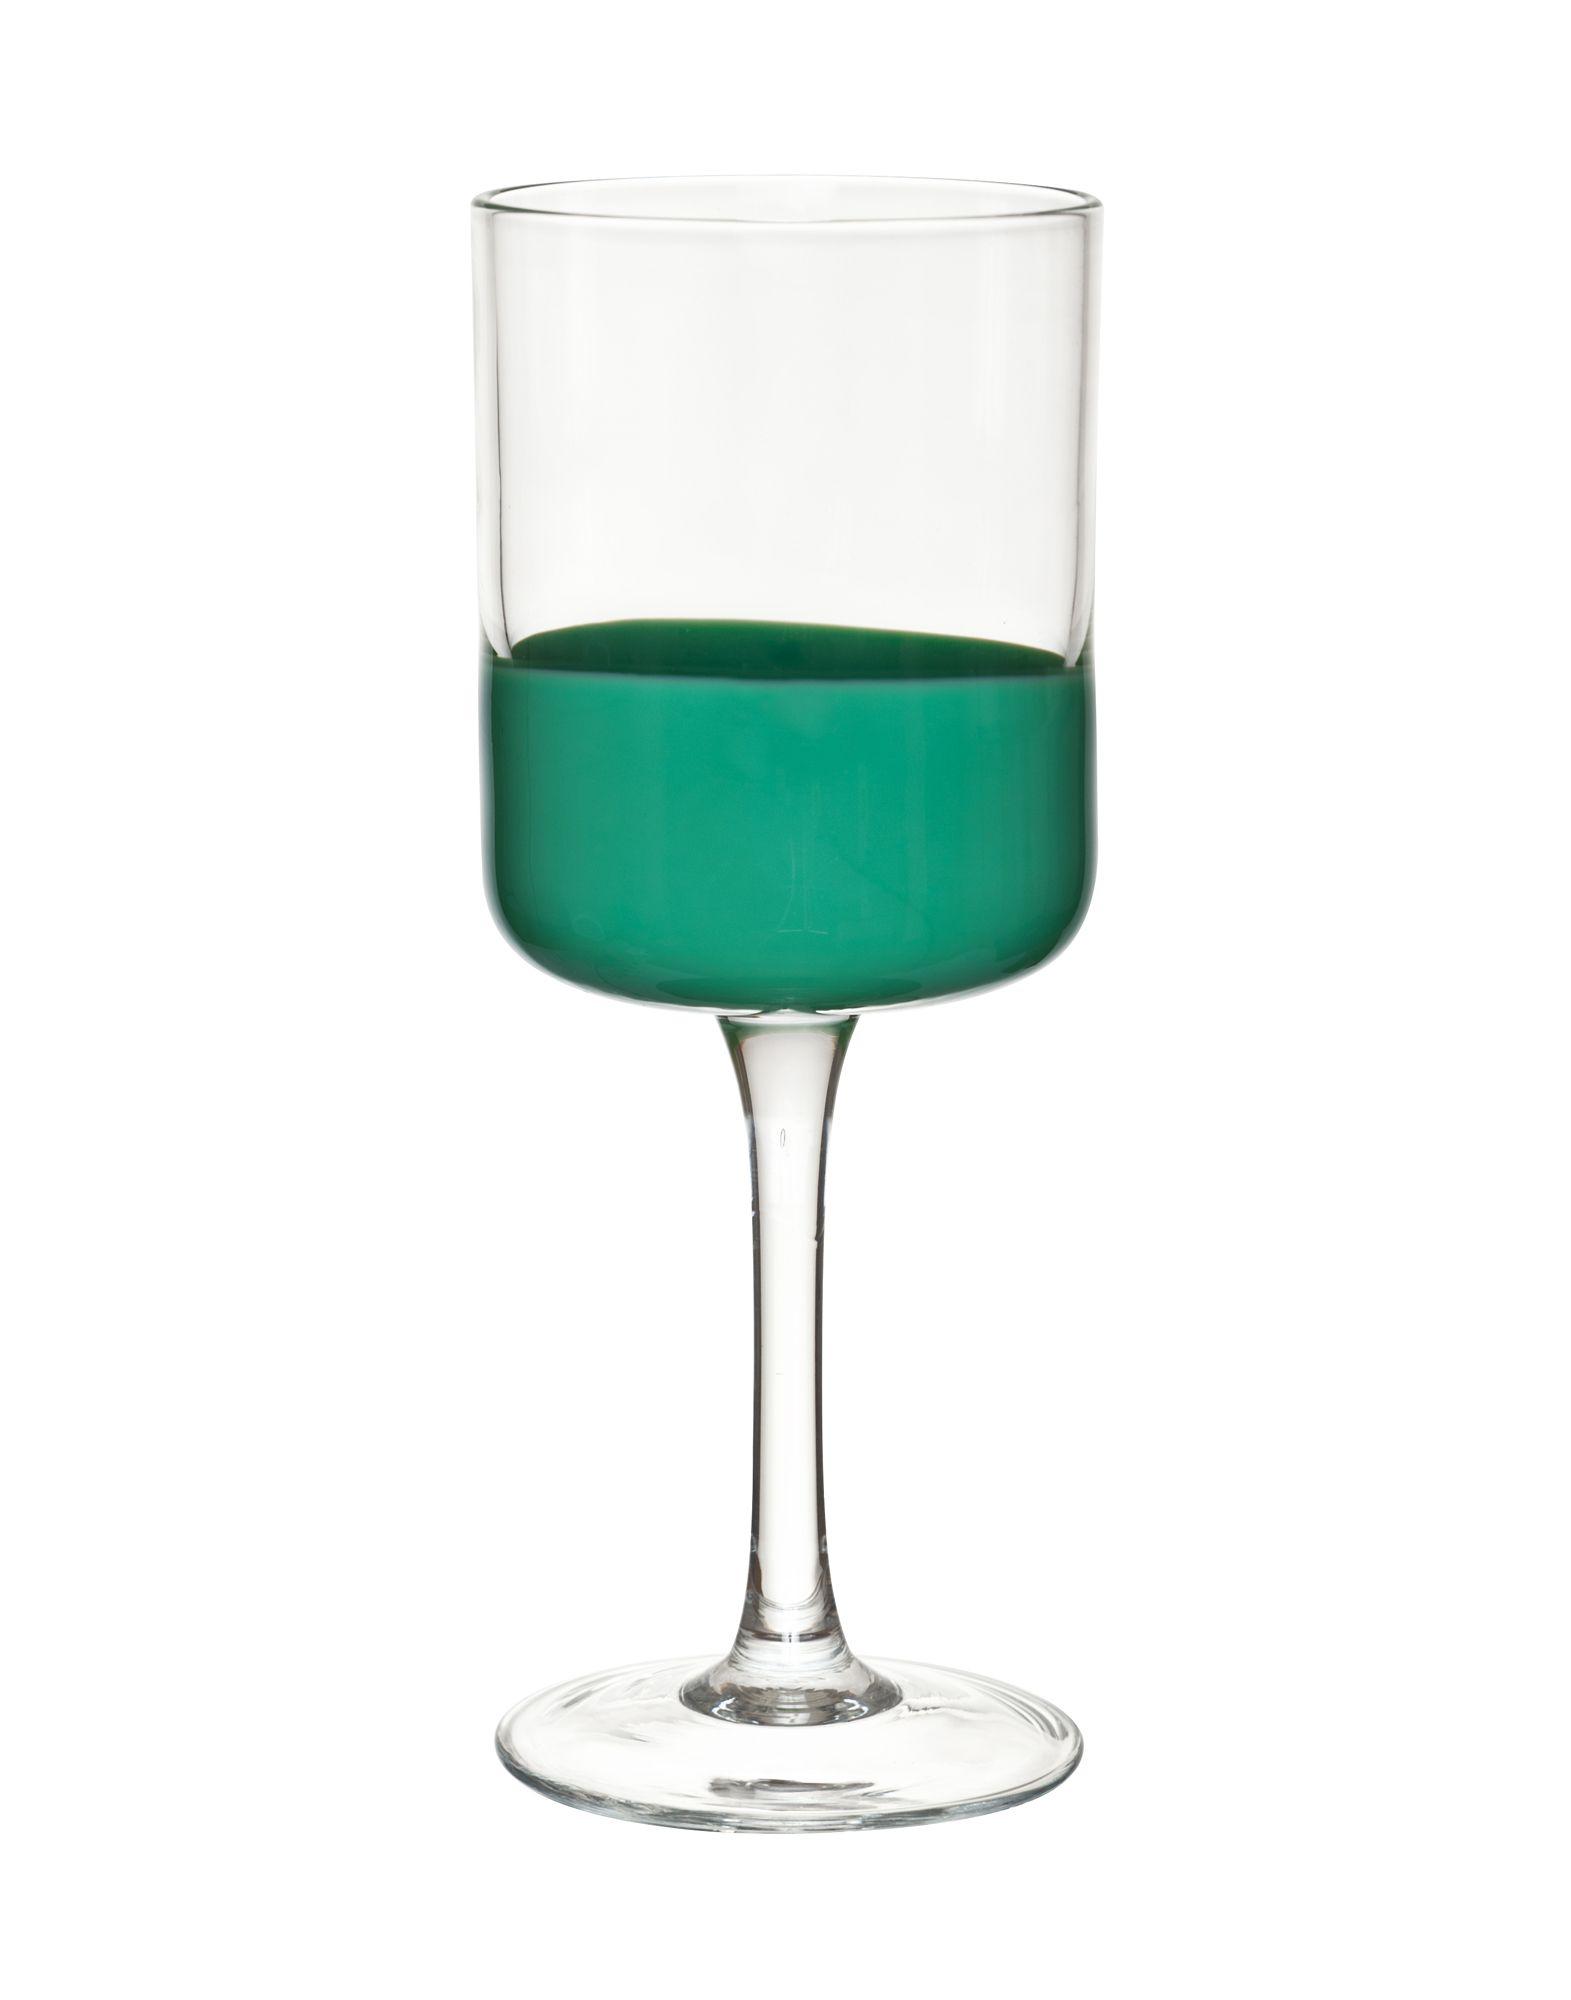 BITOSSI HOME Стакан cтеклянный стакан other brands d130722